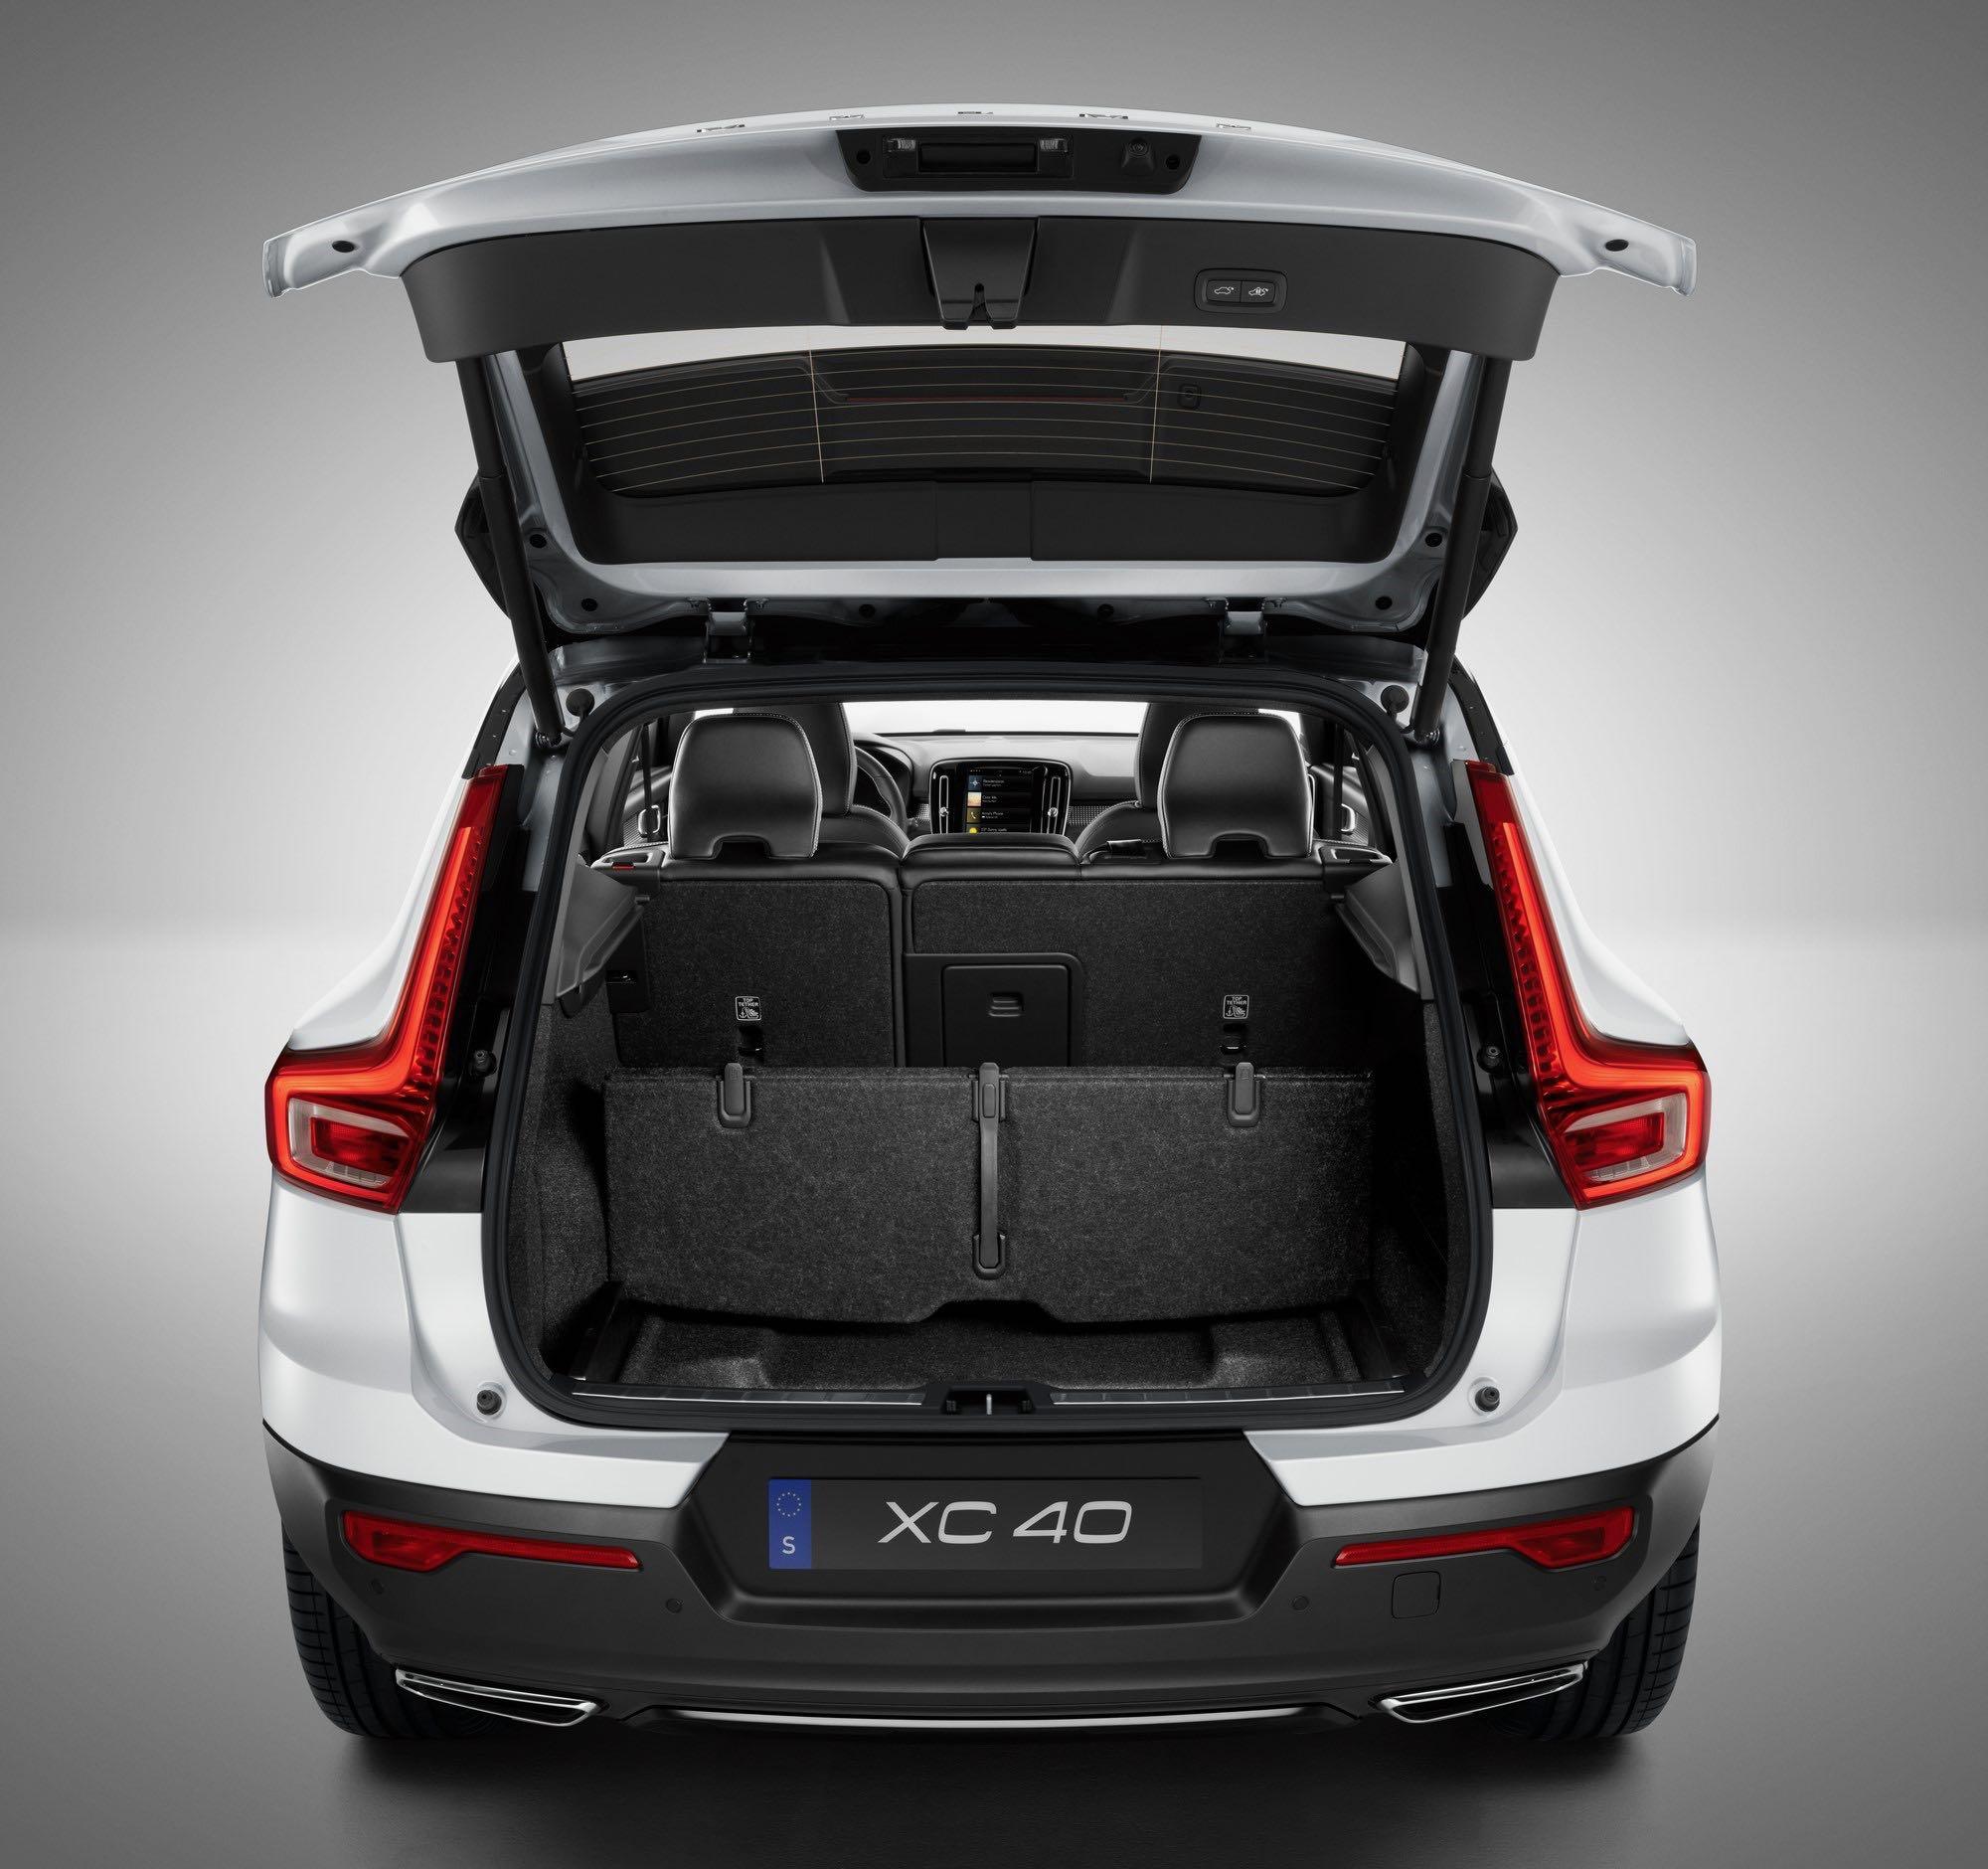 The New Volvo XC40 – Interior -  2017, 2018, 2018 New XC40, Images, Interior, New XC40